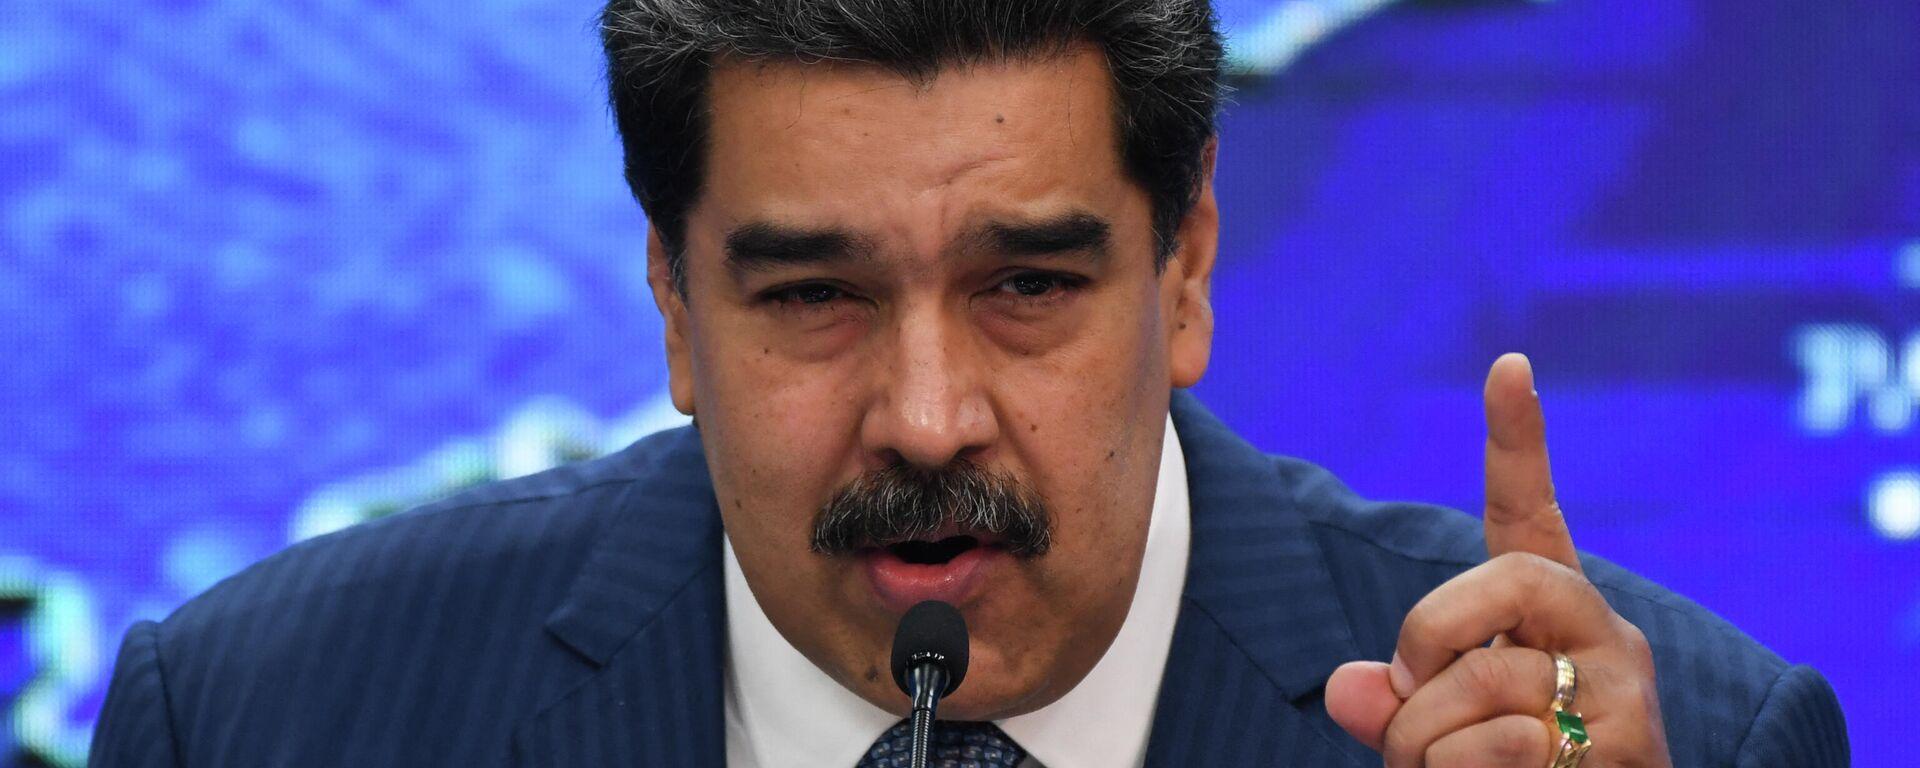 Nicolás Maduro, presidente de Venezuela - Sputnik Mundo, 1920, 23.09.2021